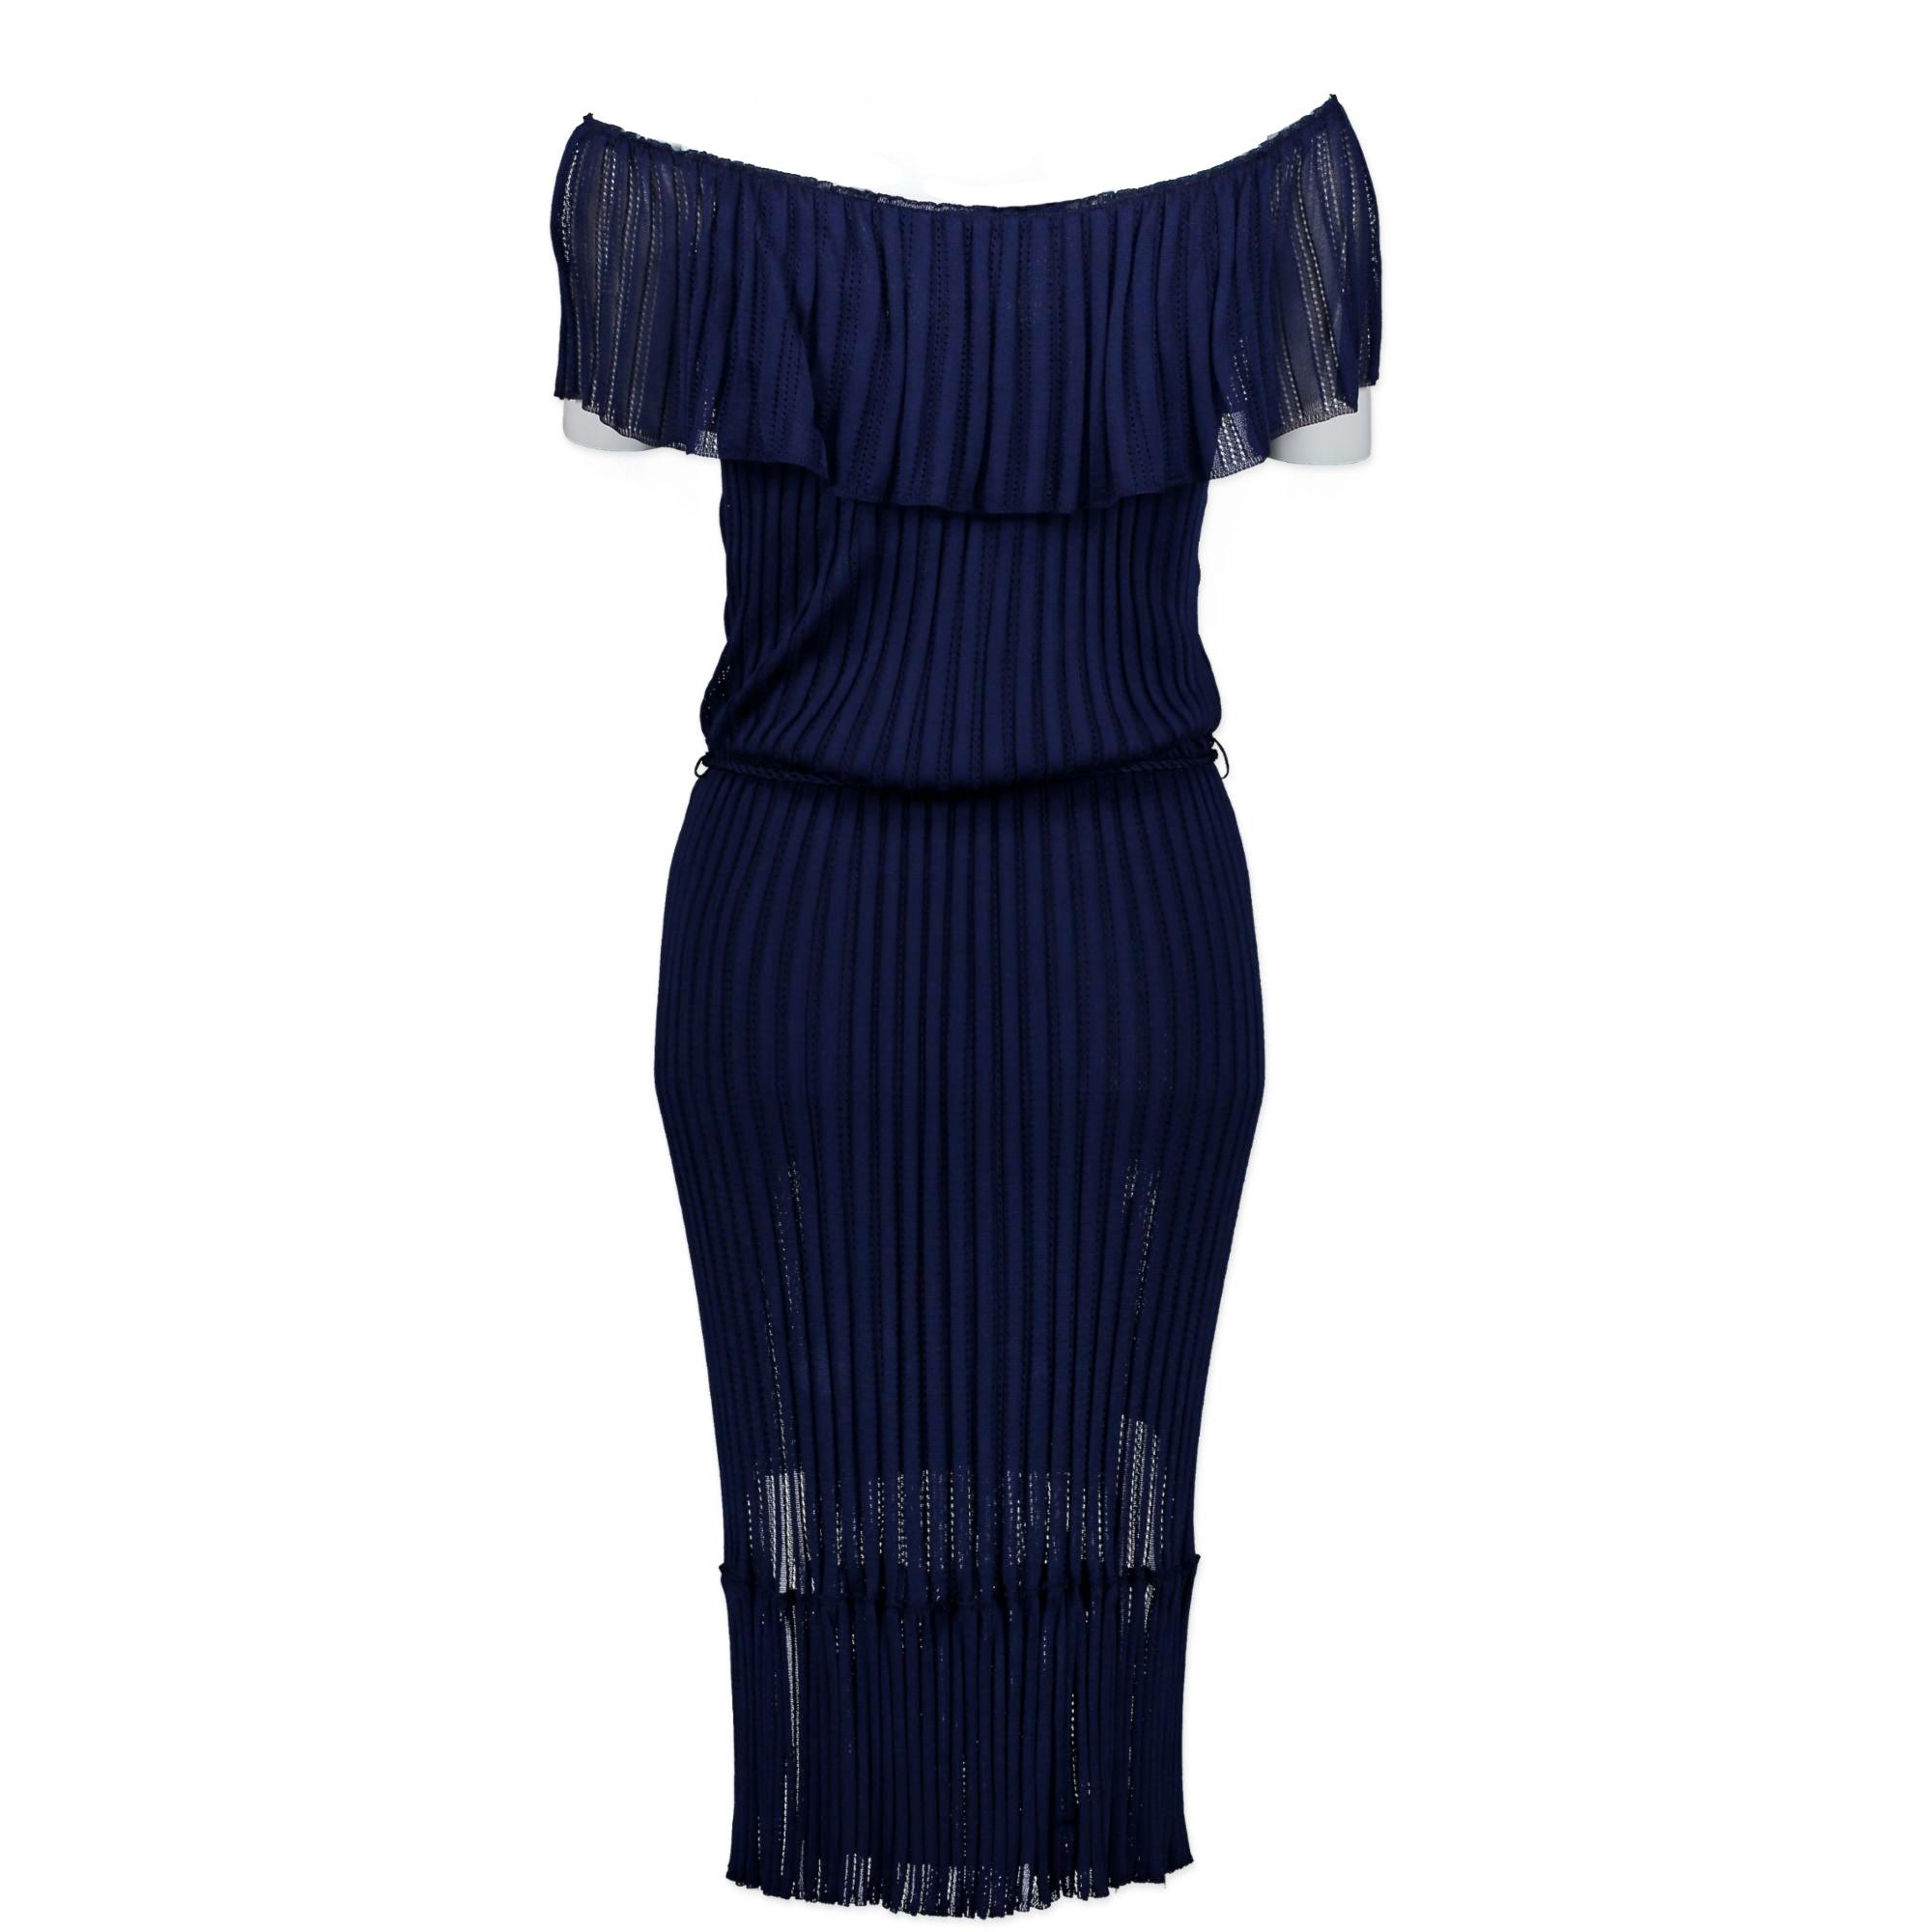 Koop authentieke tweedehands Gucci kleed bij Labellov Vintage webshop. Veilig online shoppen.